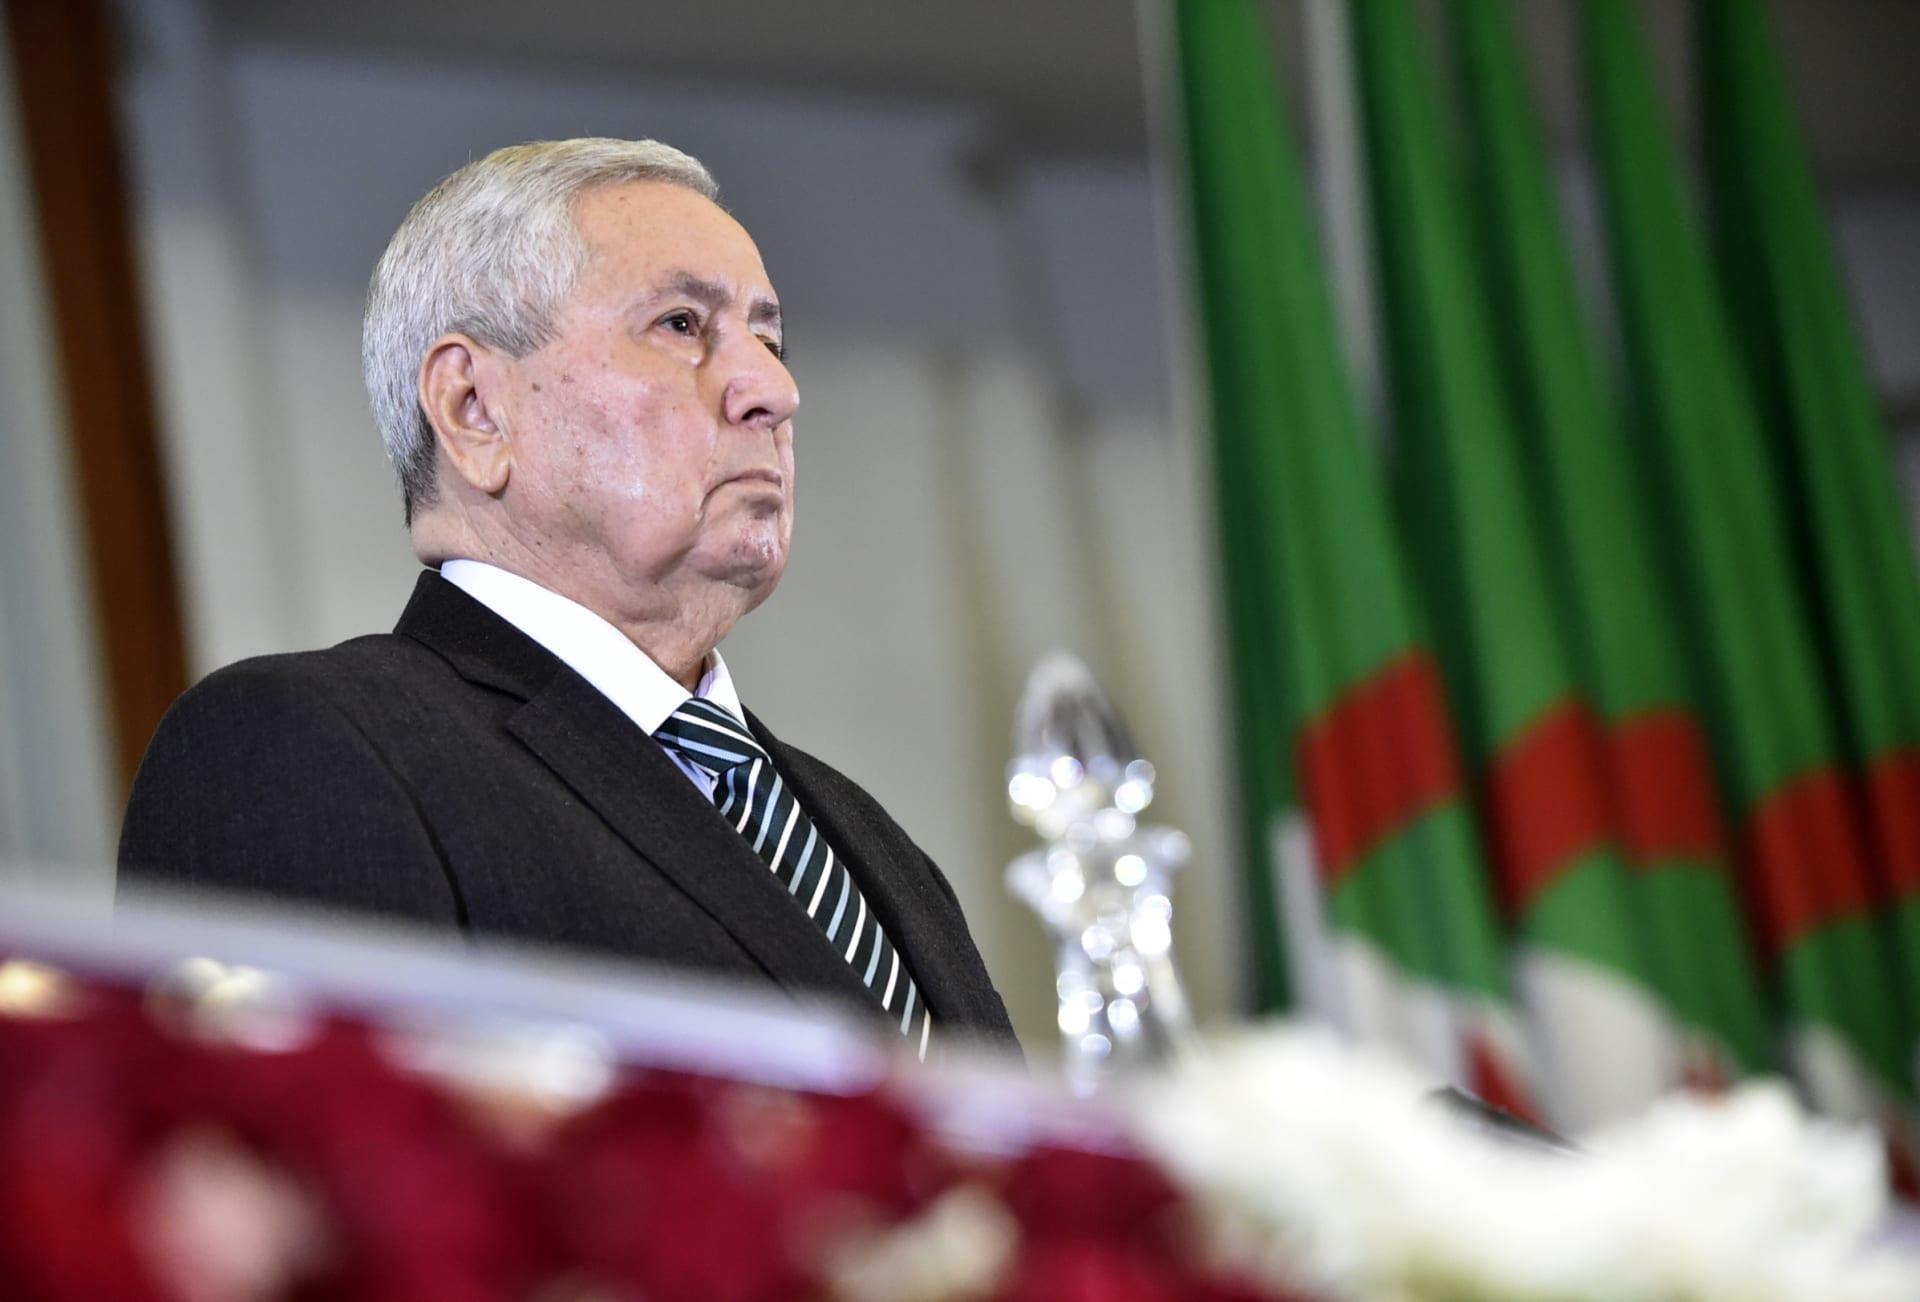 بن صالح يحدد موعد الانتخابات الرئاسية في الجزائر